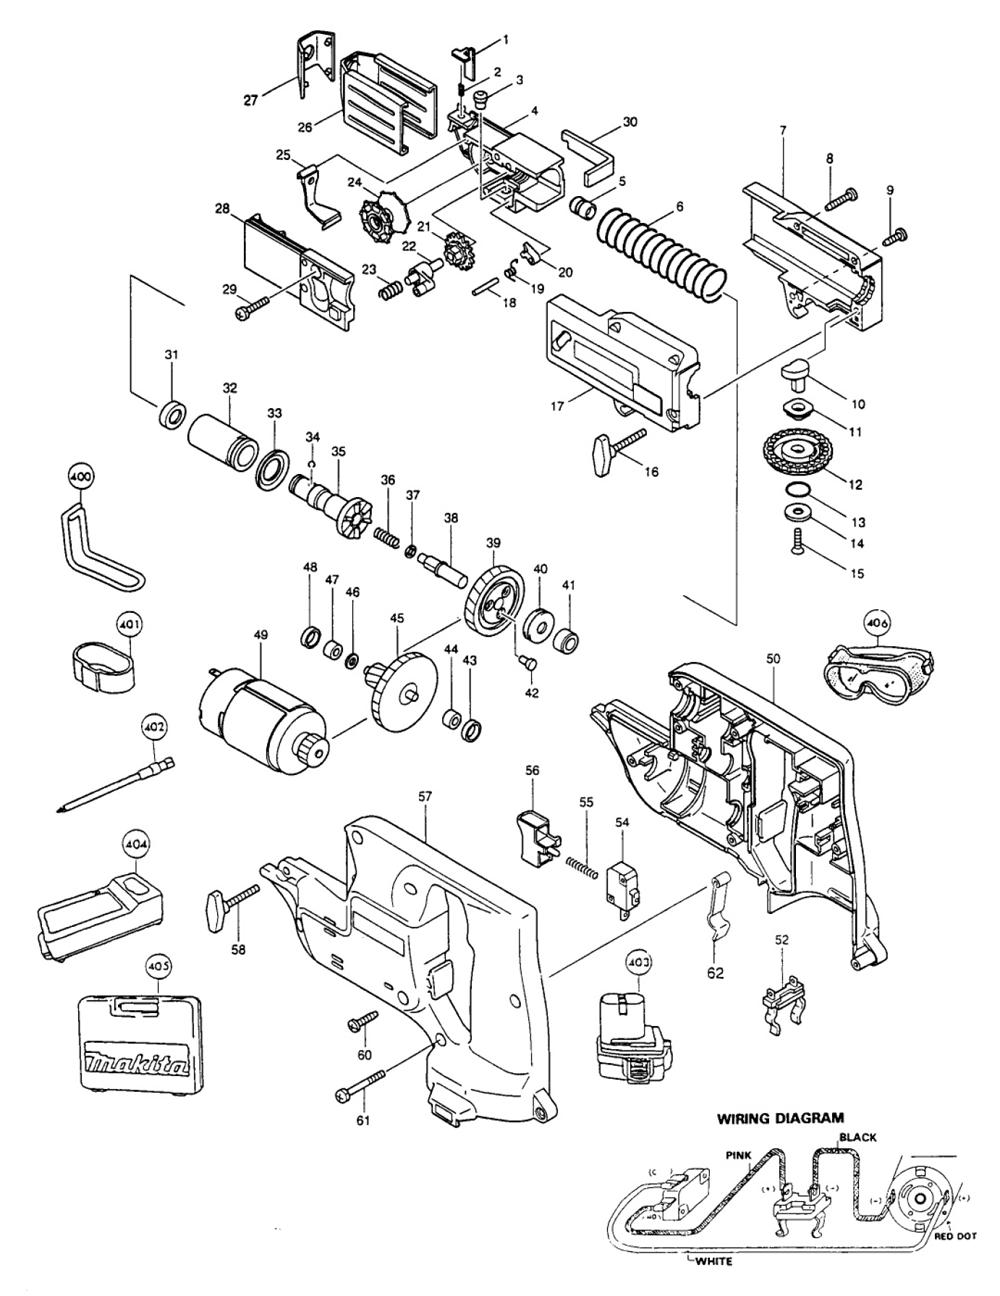 makita 9227c wiring diagram best wiring library  makita 6835dwa parts list makita 6835dwa repair parts oem parts makita 9227c parts cordless makita parts makita 9227c wiring diagram wiring